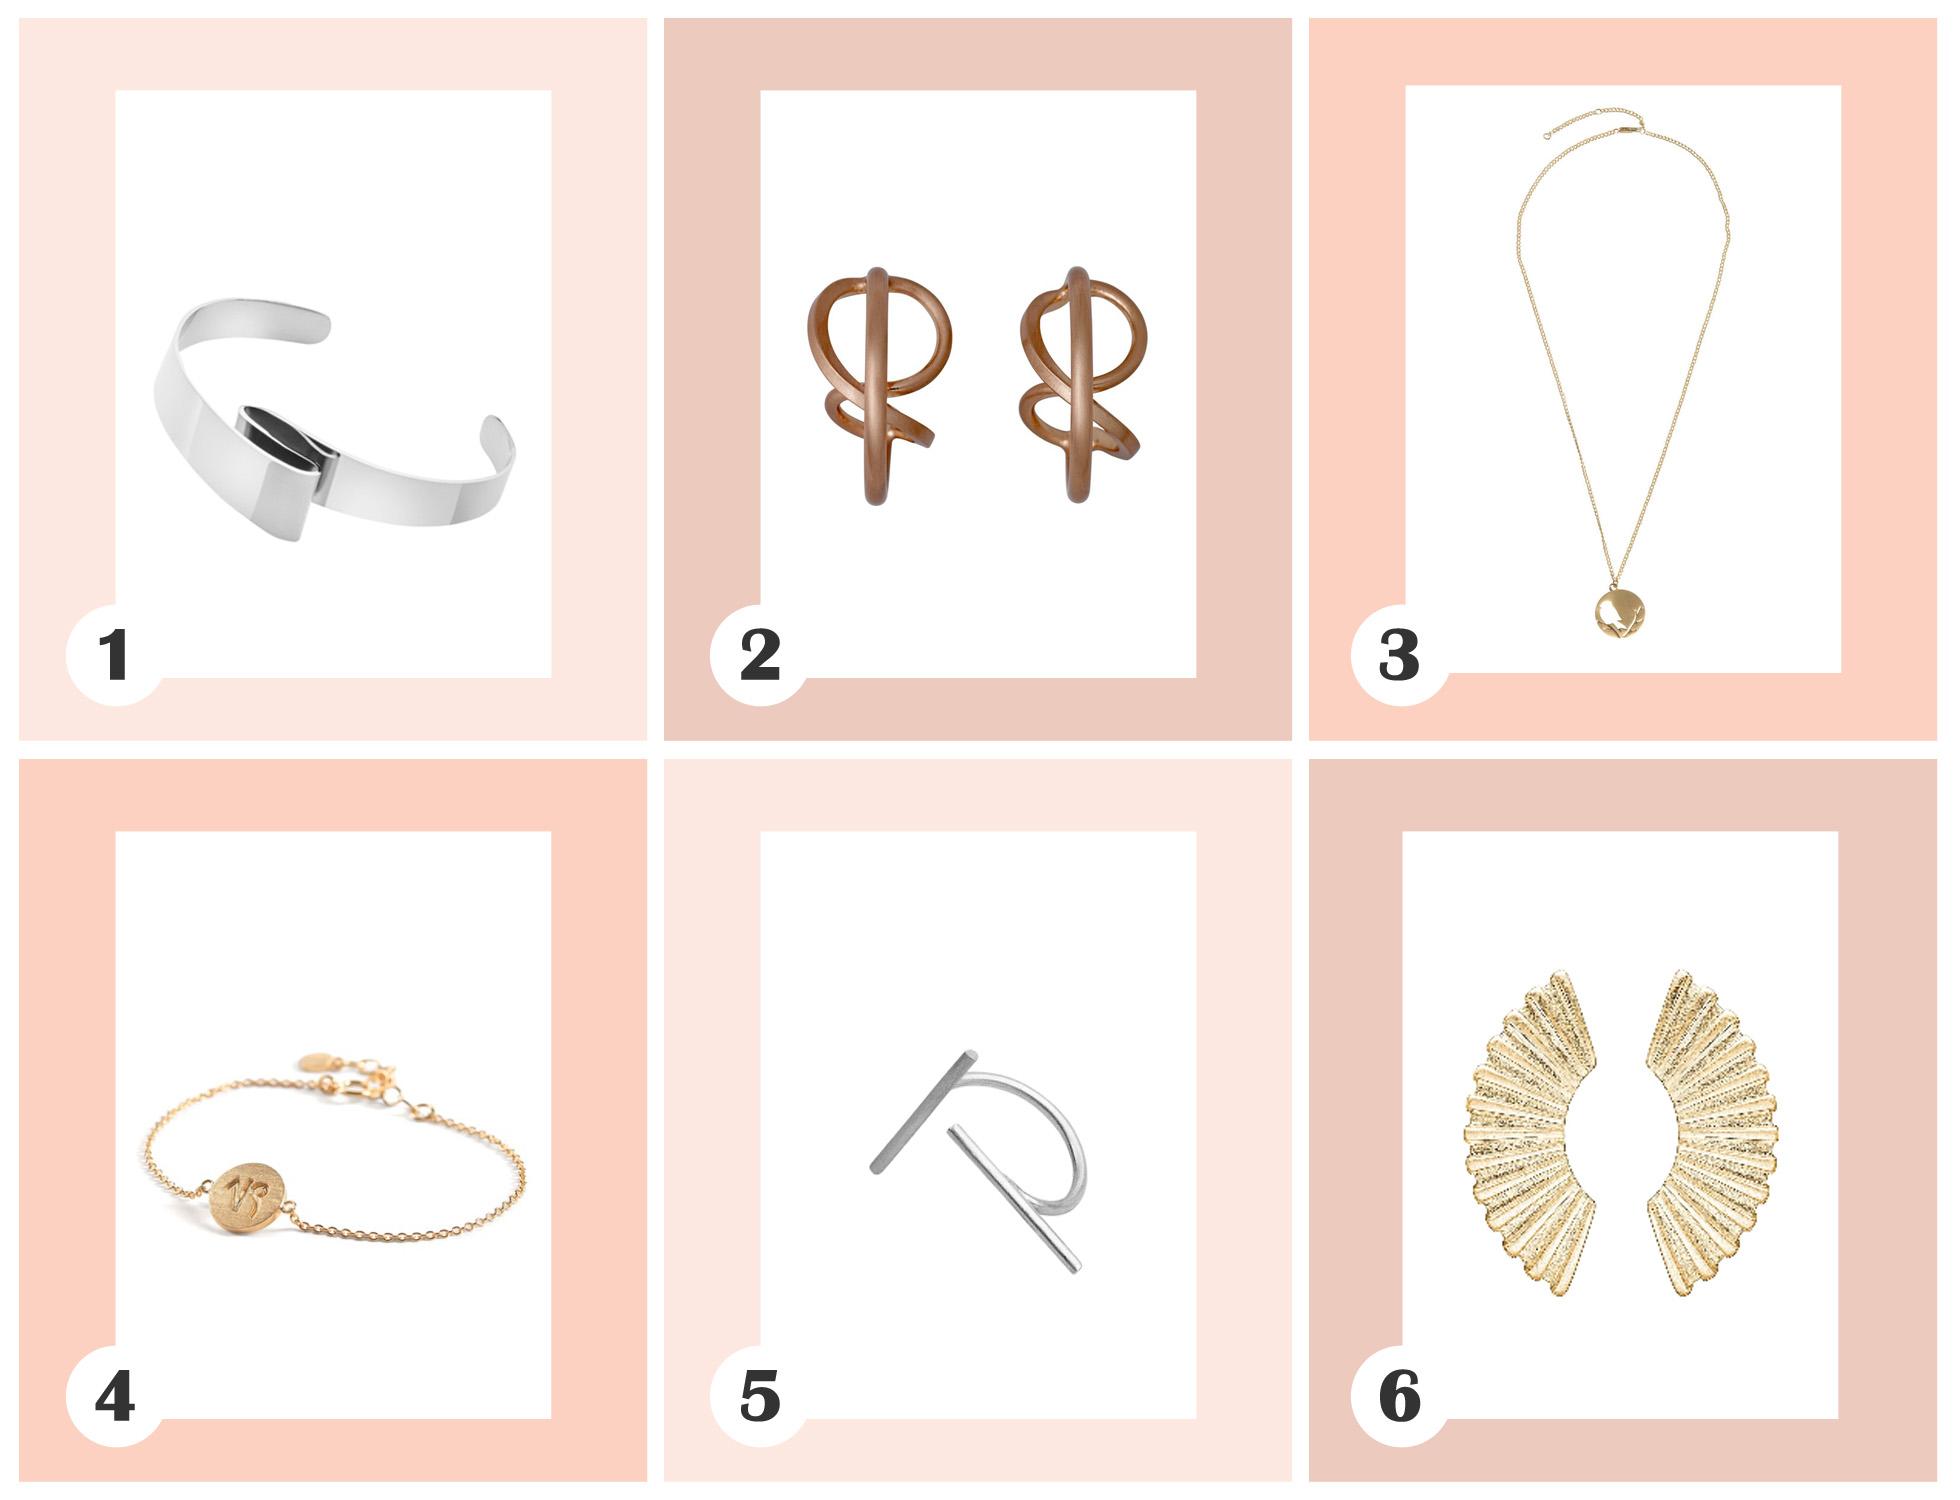 smykkemode, smykker, efterår, natur, organiske former, geometri, geometriske former, persuede, pernille corydon, pilgrim, pieces, dyberg kern, enamel, armbånd, øreringe, halskæde, ring, sølv, guld